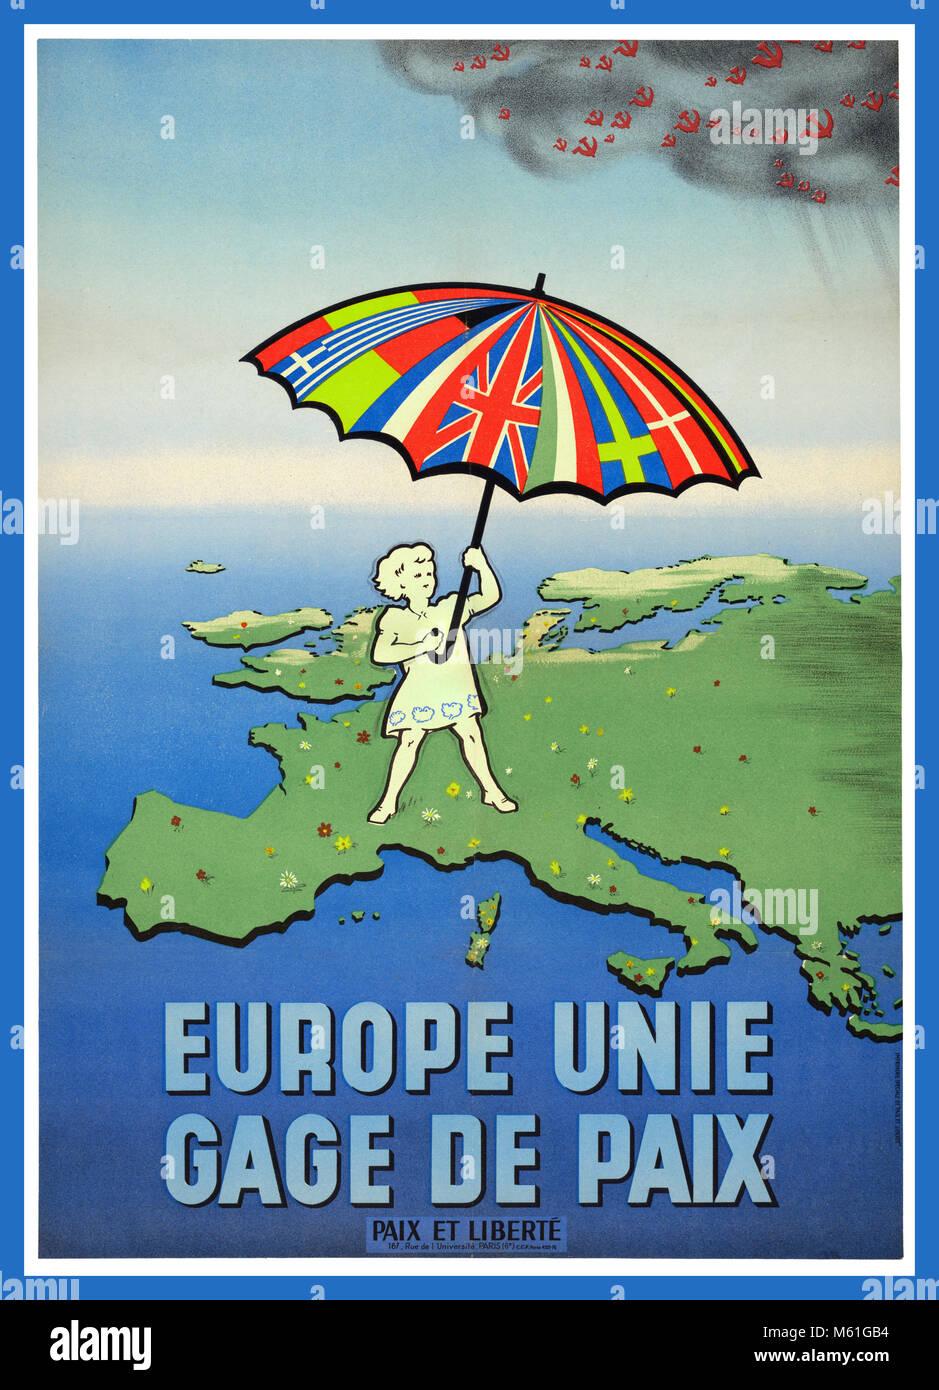 """Guerra Fría VINTAGE POST GUERRA POSTER """"Europa Unida garantía de paz"""". Cartel de propaganda Imagen De Stock"""